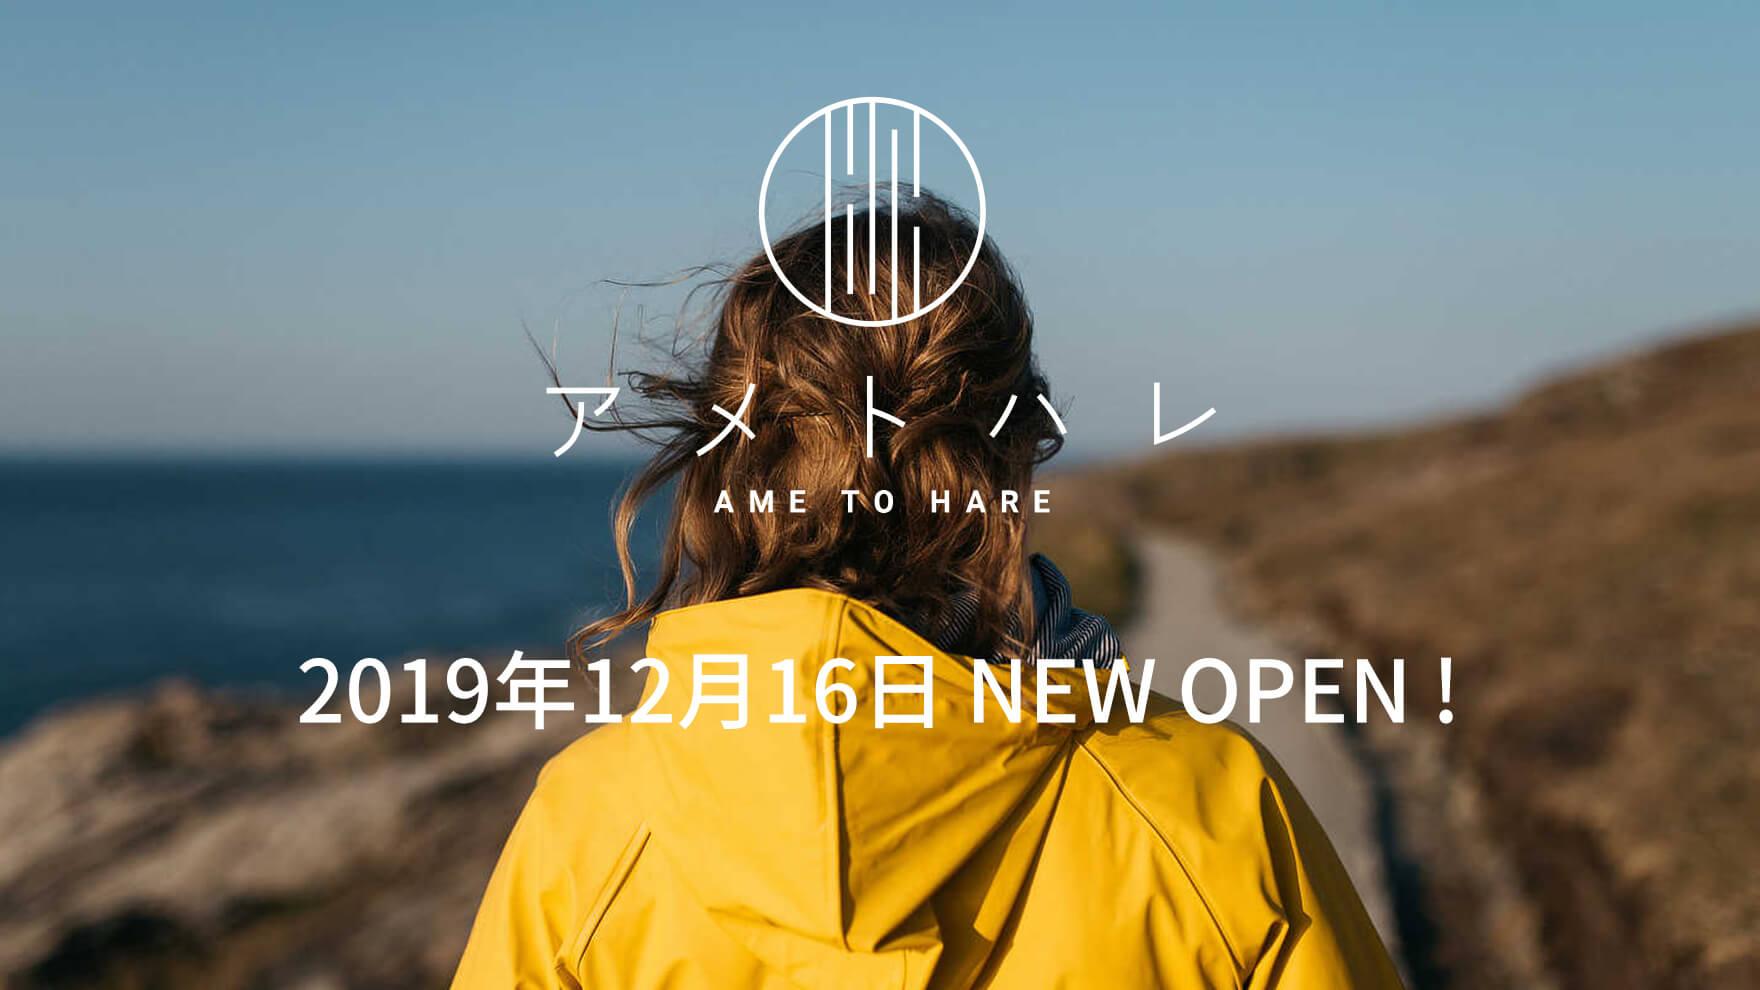 NEWS:総合レインウェア・ワークウェアメーカー、カジメイクがECサイトをオープン!